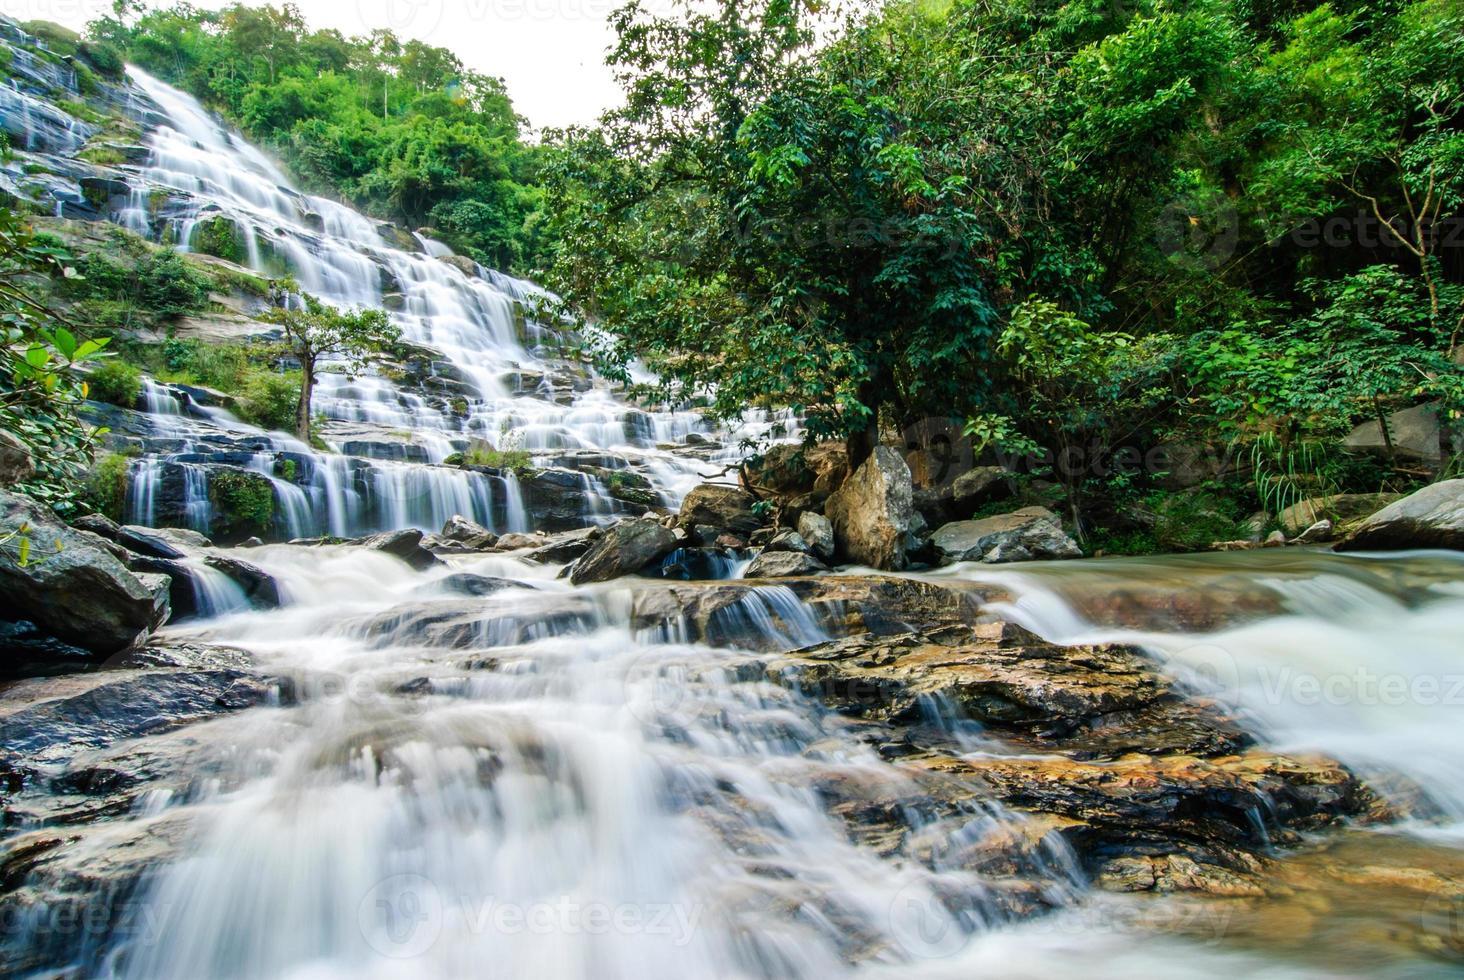 Wasserfall schön in Thailand foto